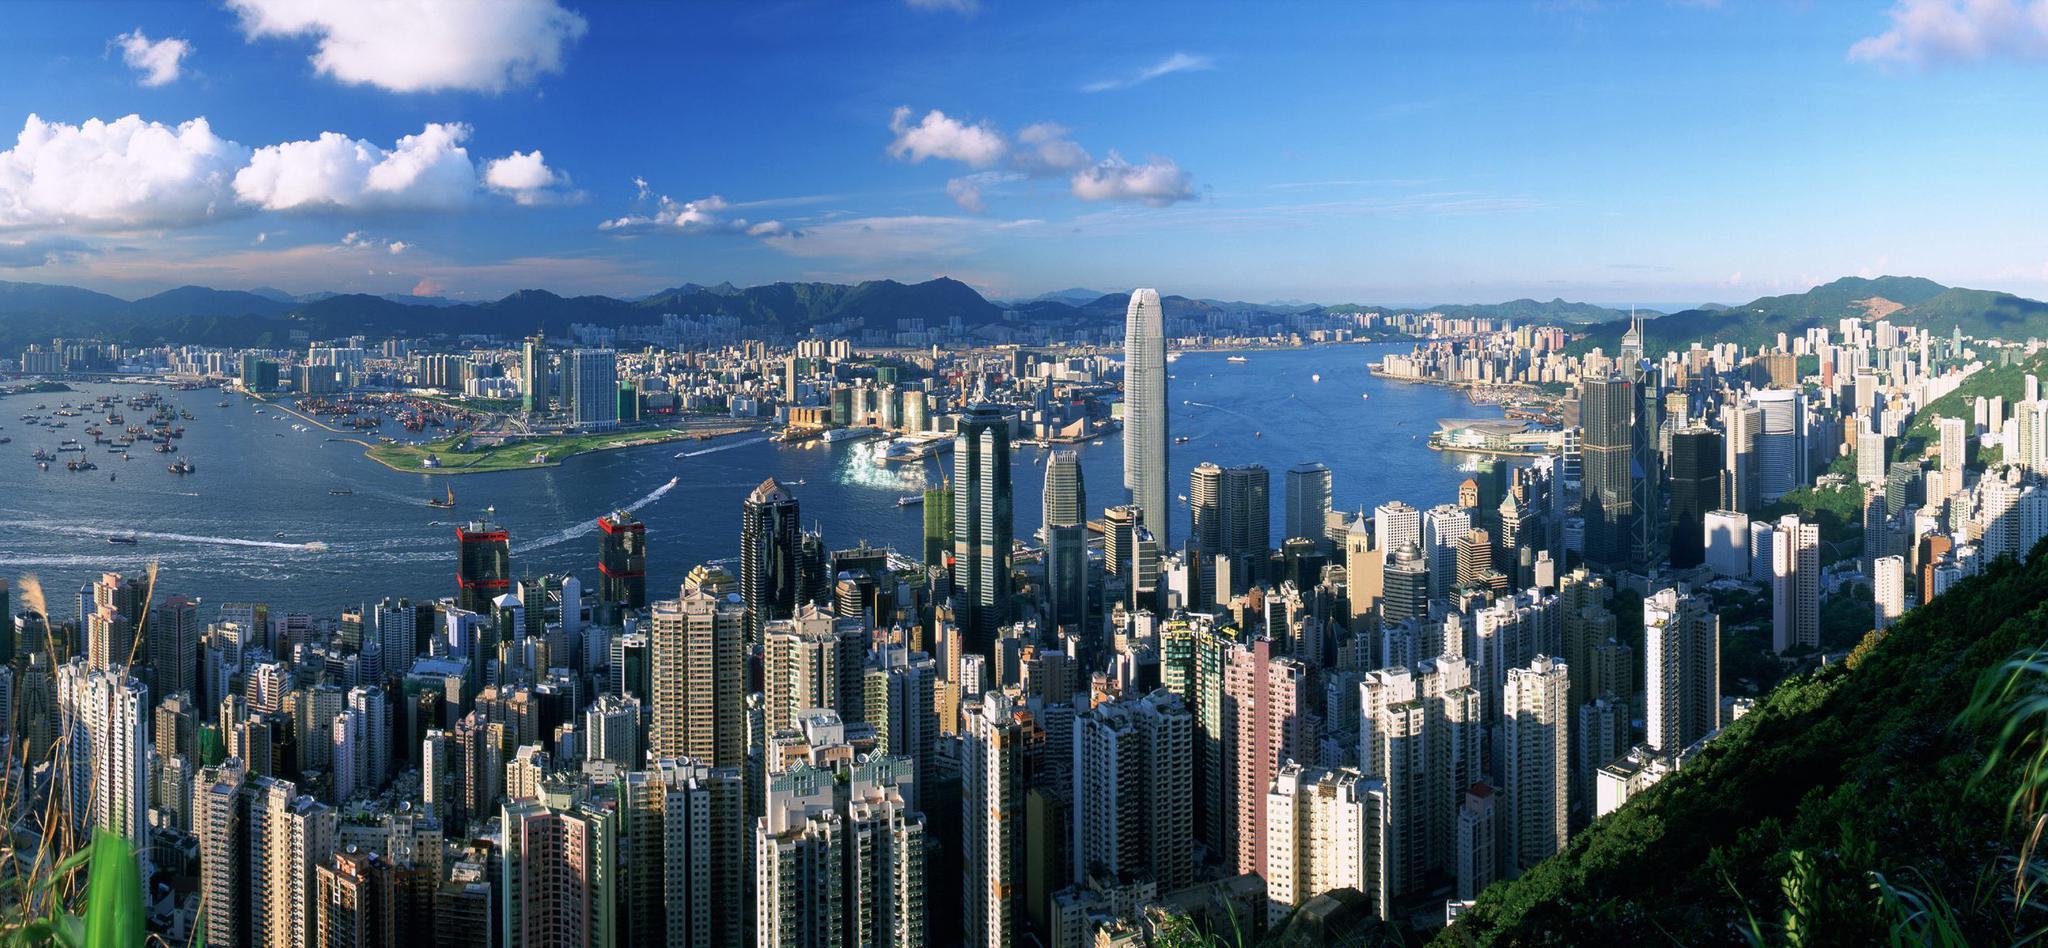 成就香港繁荣的美丽港口-维多利亚港